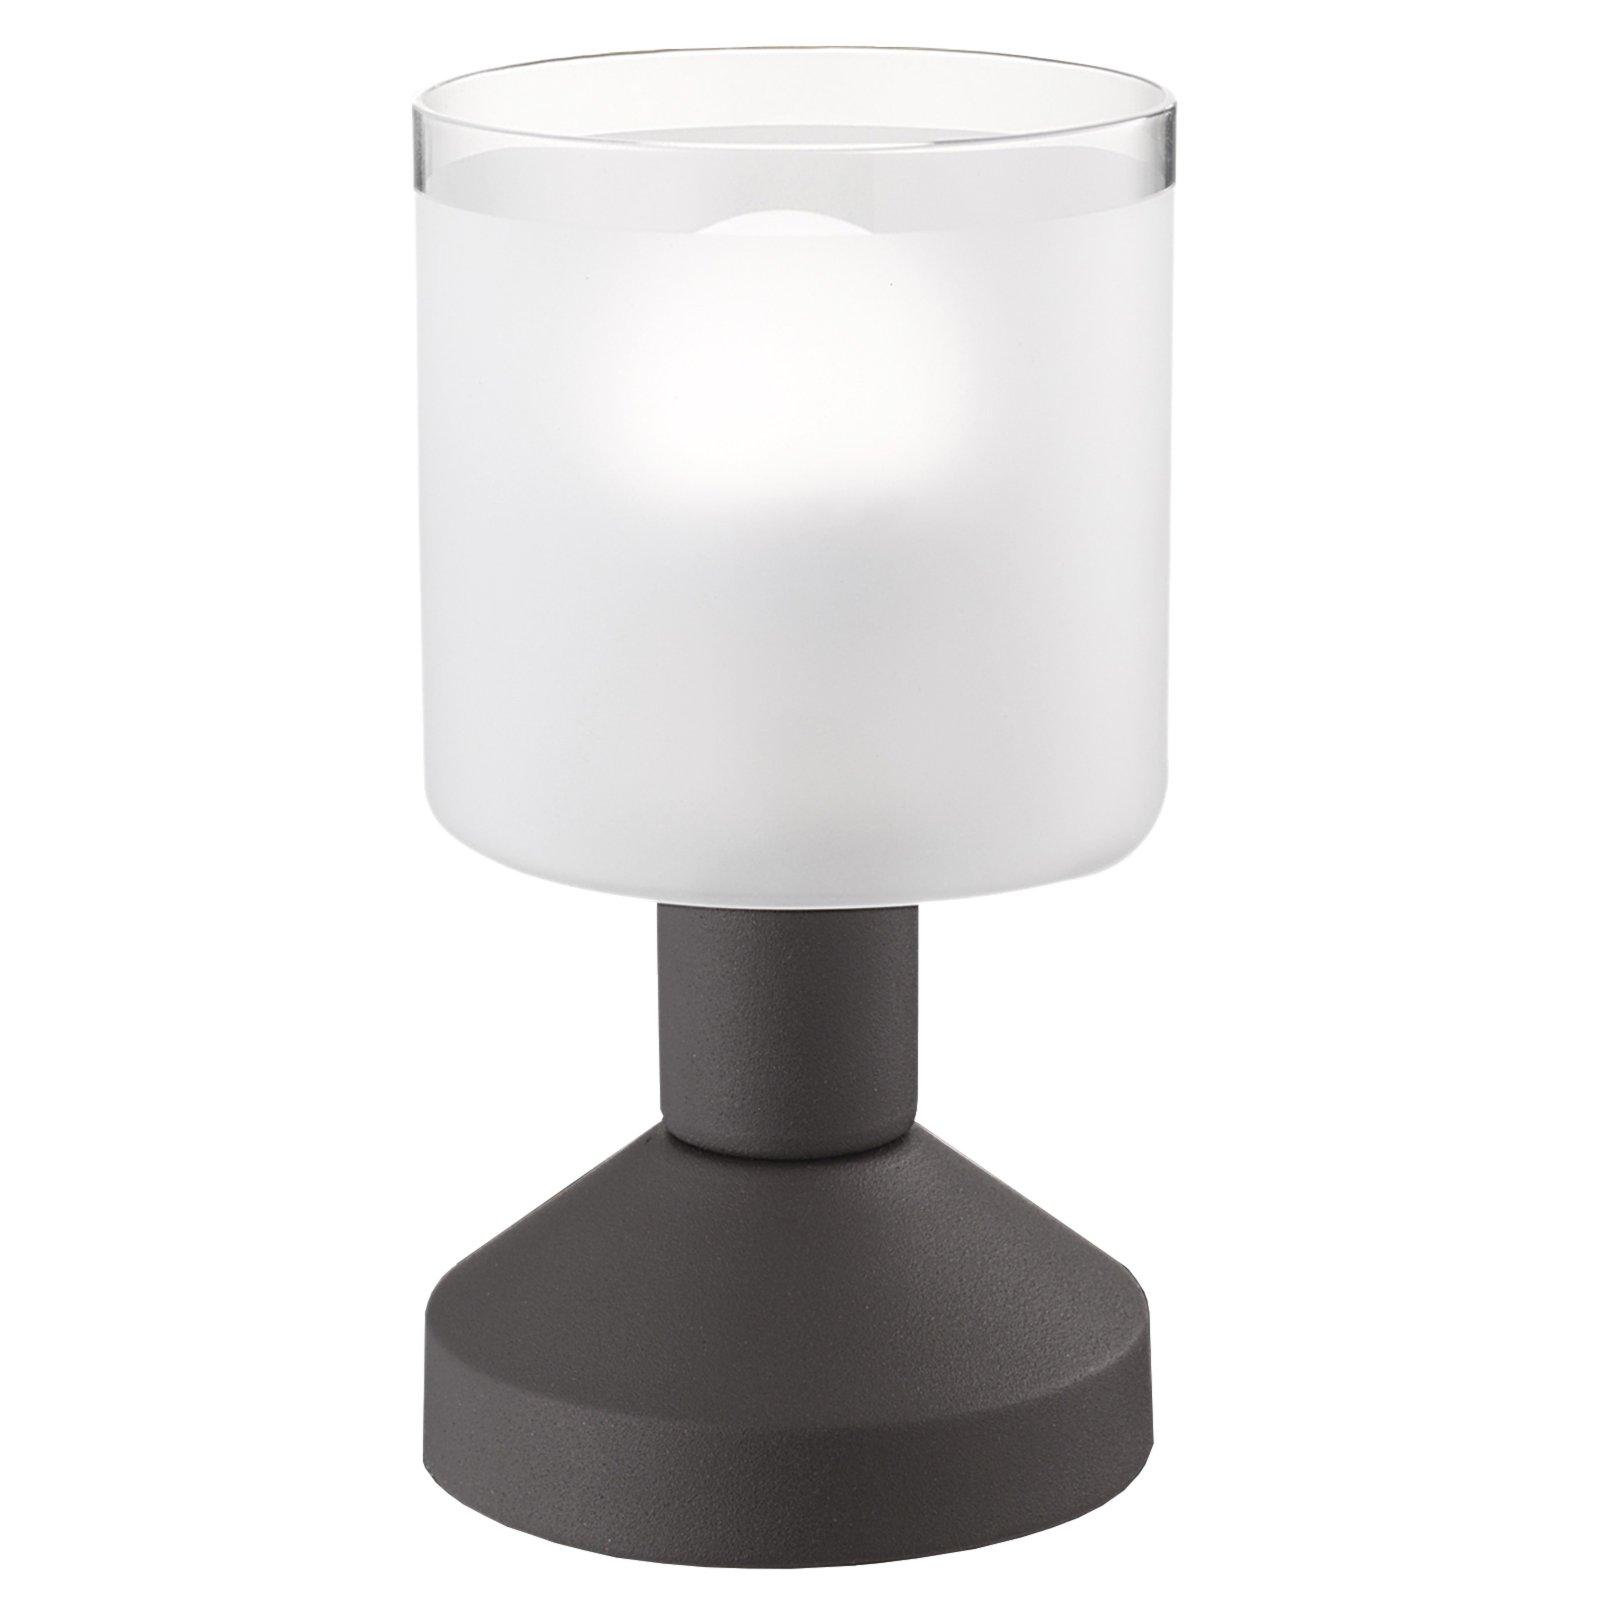 Tischlampe GRAL - Rost matt - Glas gefrostet